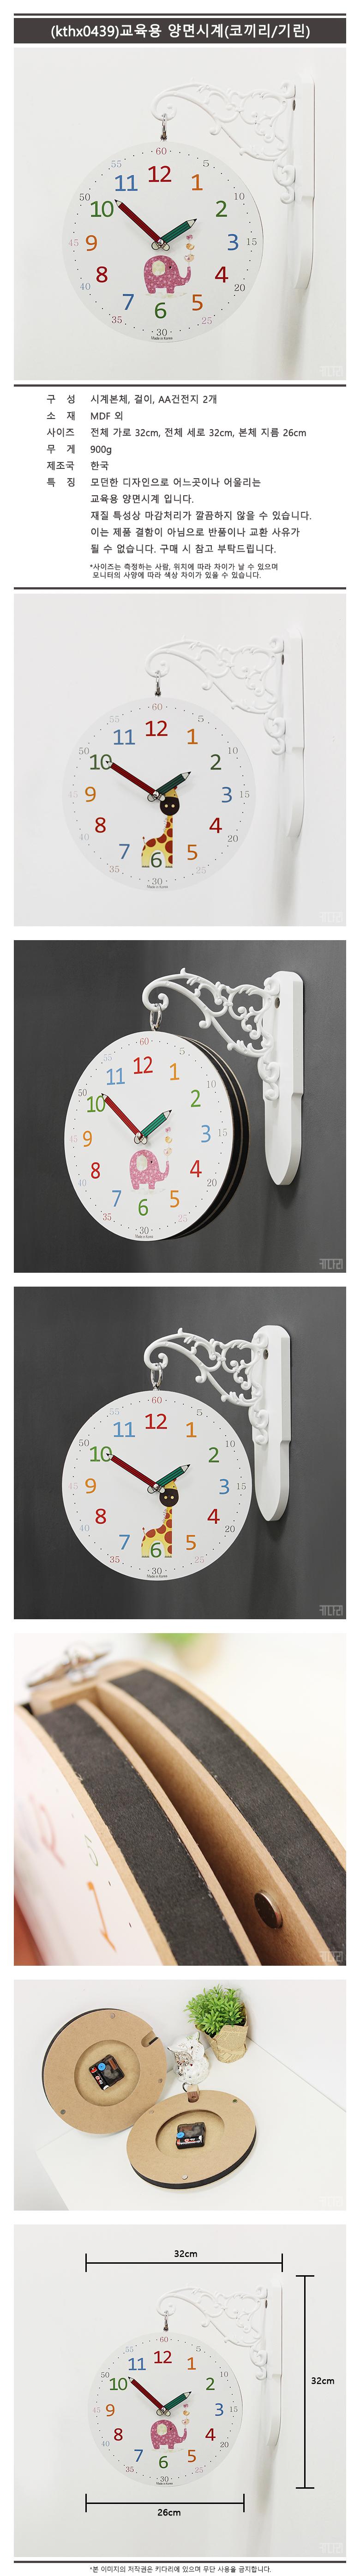 (kthx0439)교육용 양면시계(코끼리/기린) 59,000원-키다리인테리어, 시계, 양면시계, 양면시계바보사랑 (kthx0439)교육용 양면시계(코끼리/기린) 59,000원-키다리인테리어, 시계, 양면시계, 양면시계바보사랑